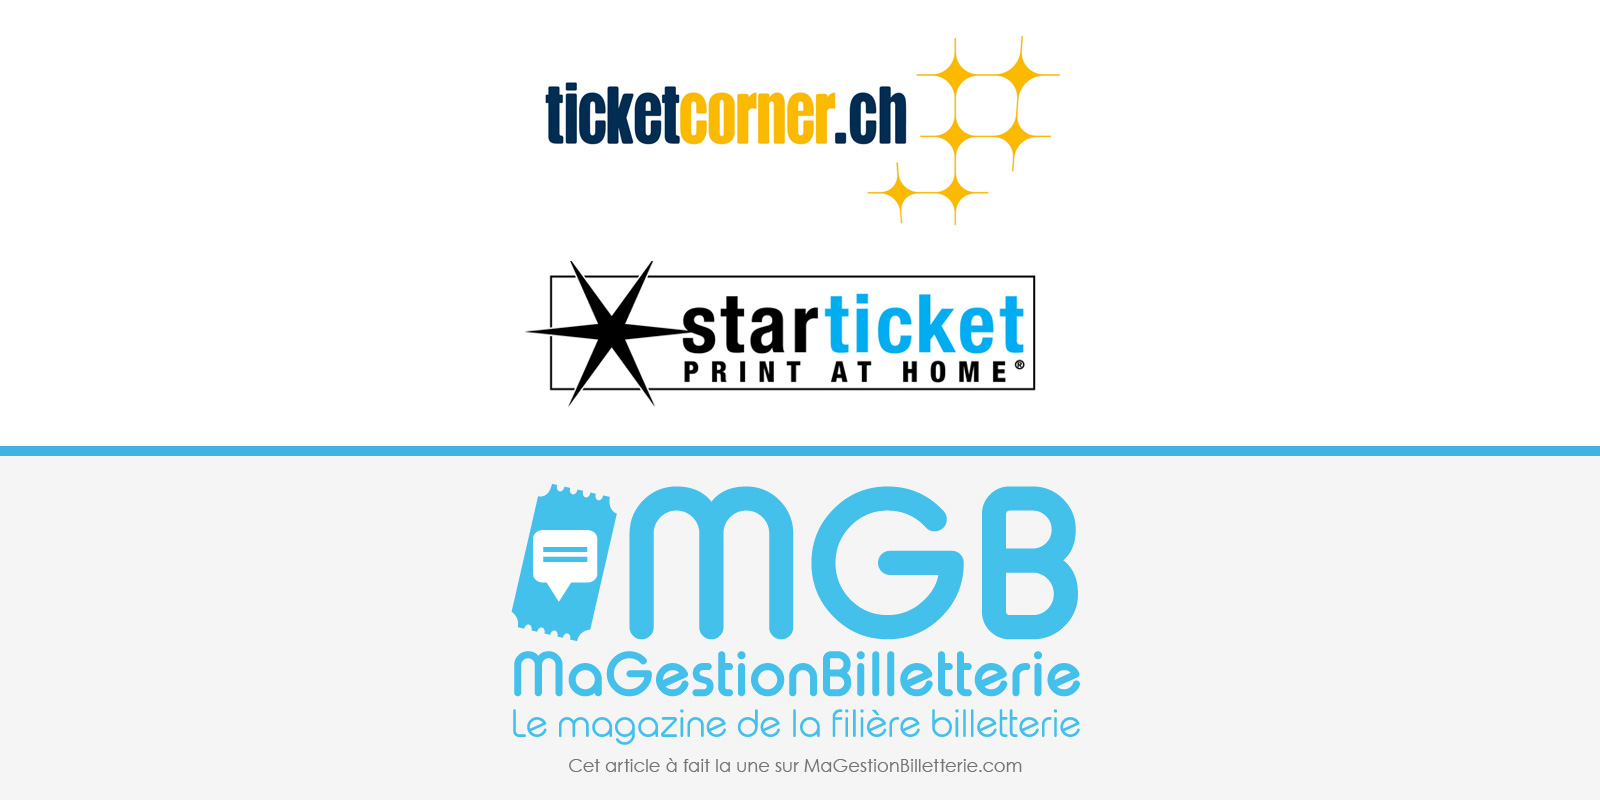 ticketcorner-starticket-une5